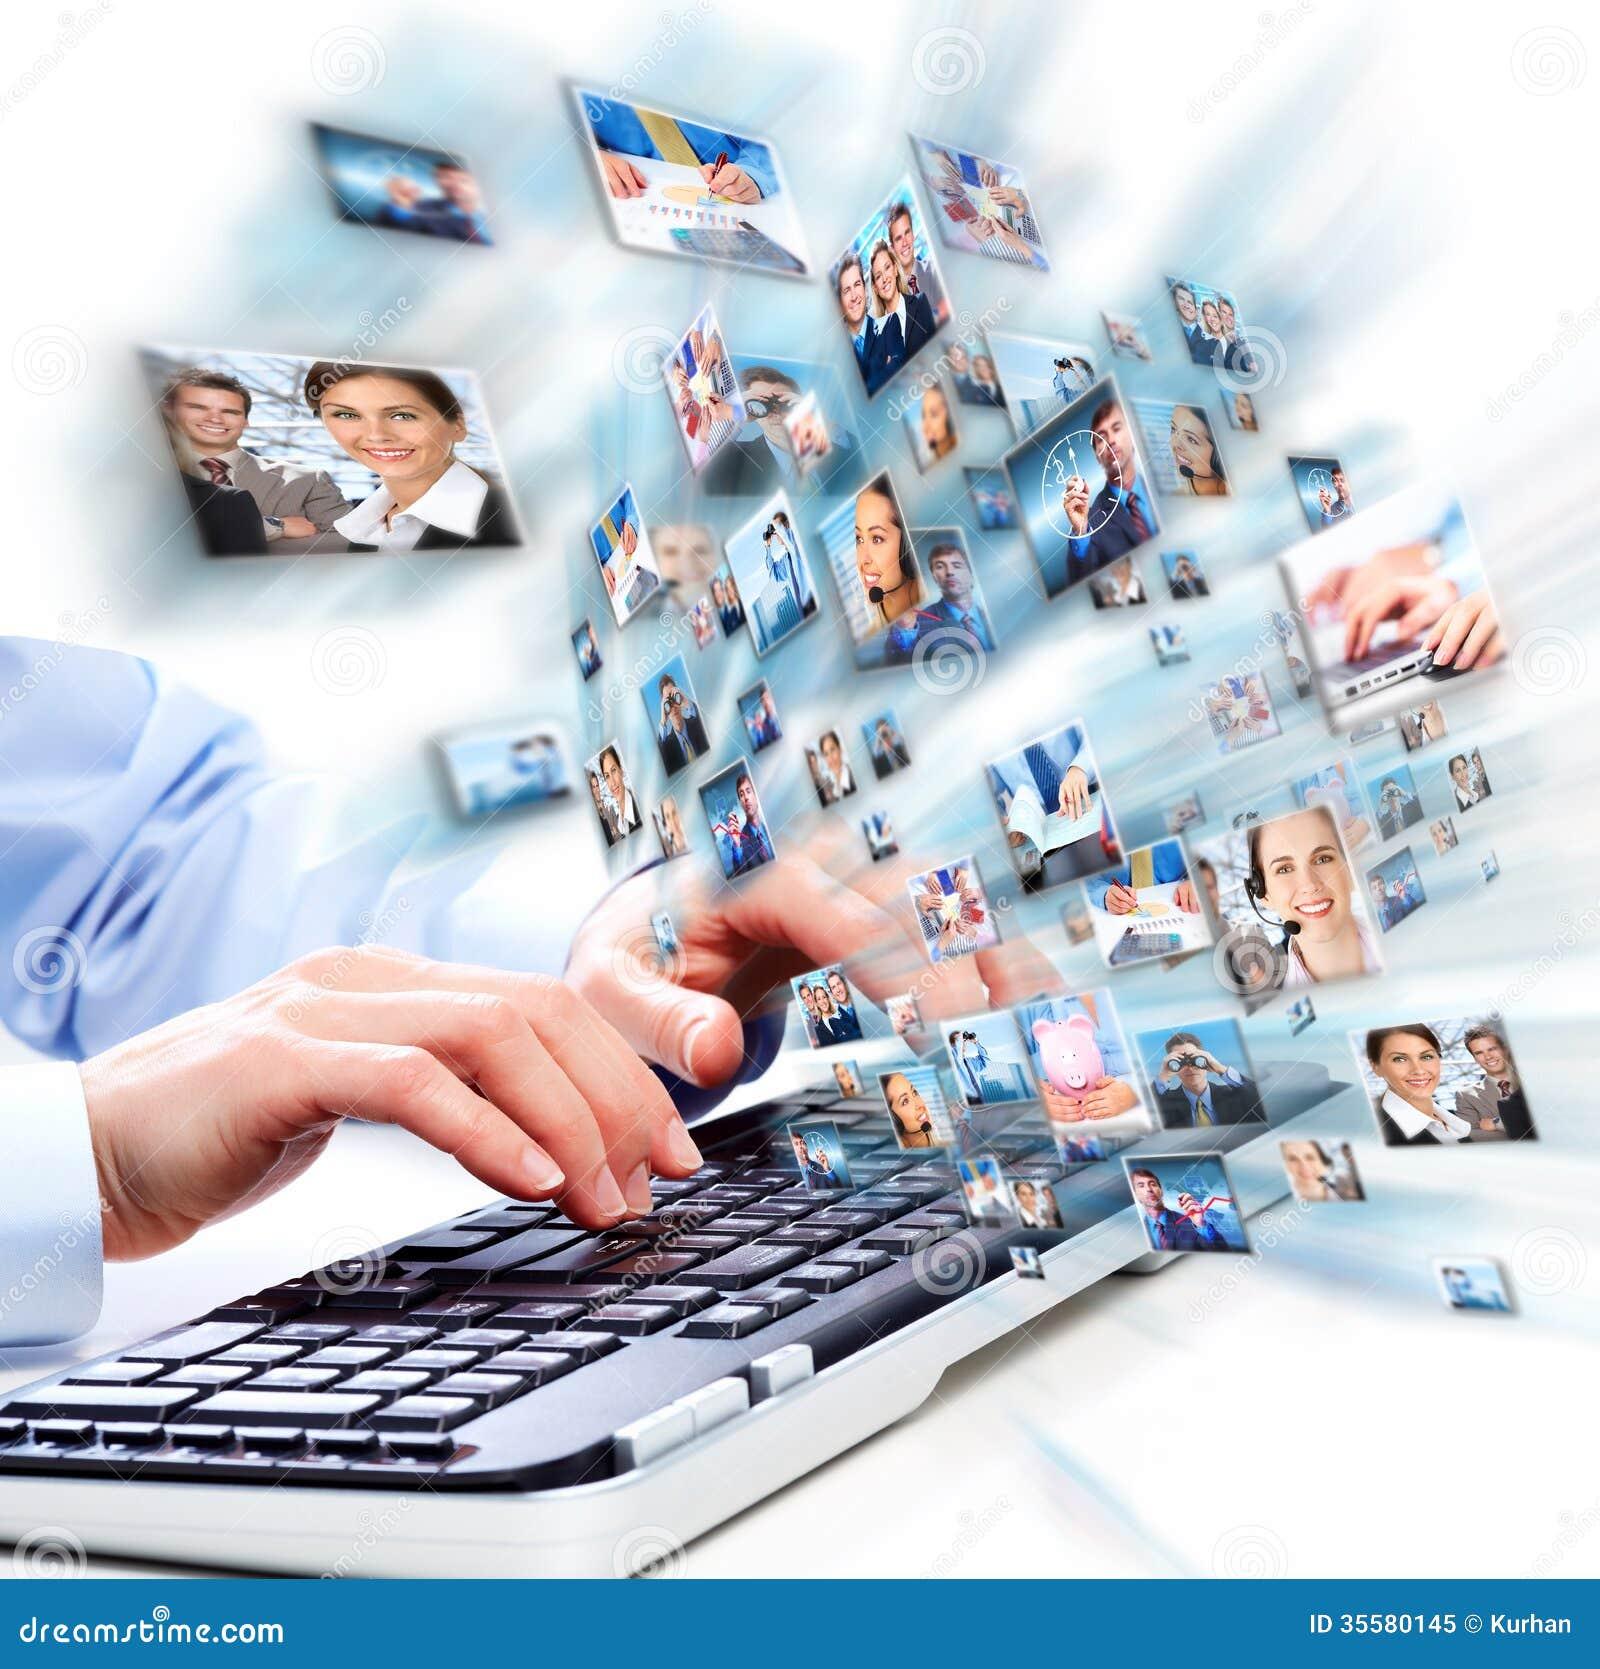 Handen met laptop computertoetsenbord.